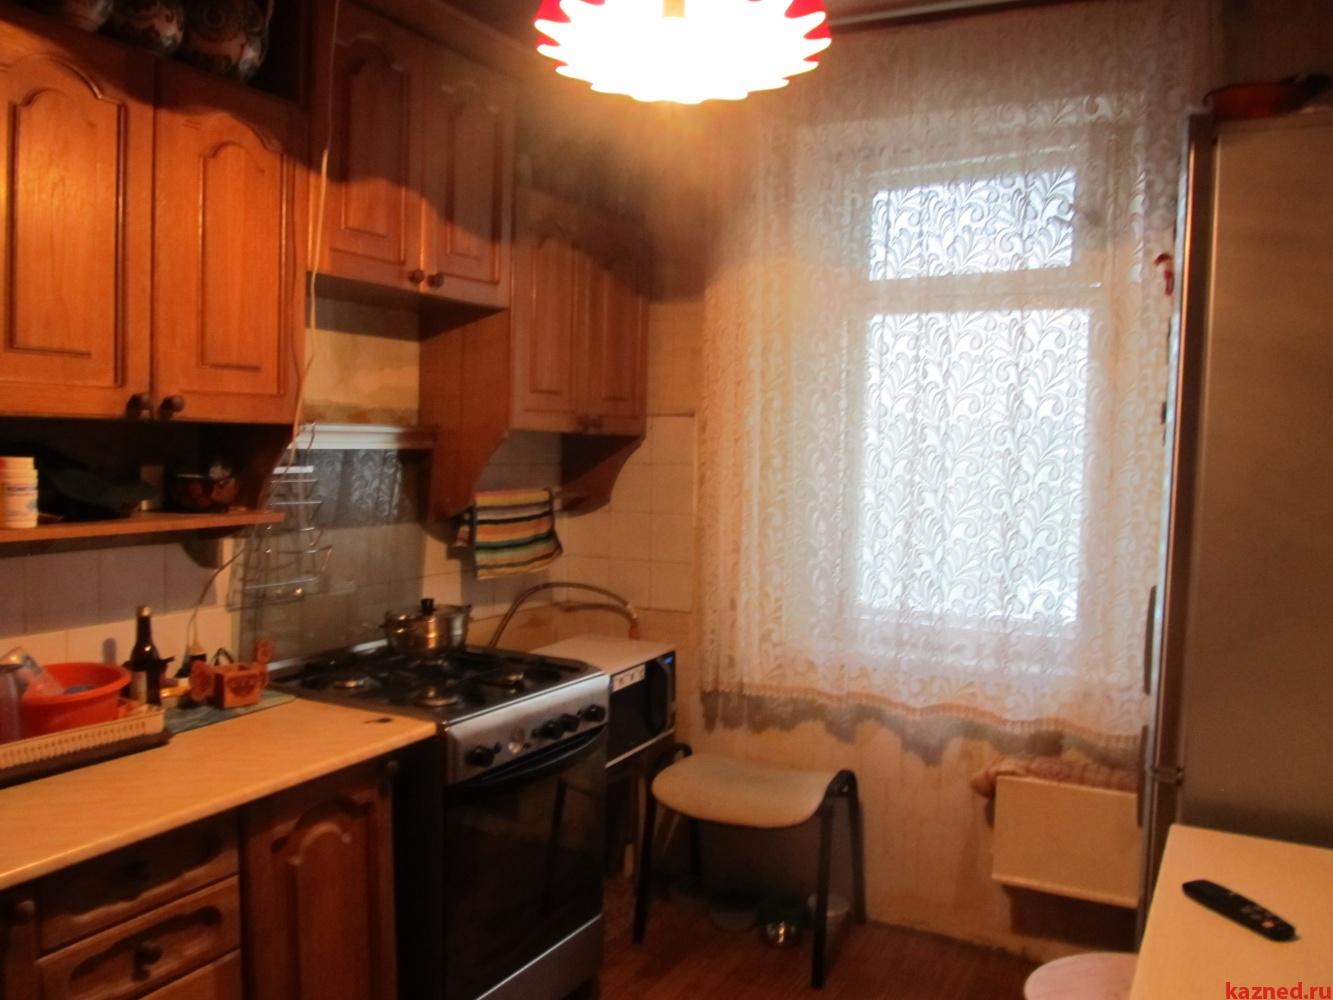 Продажа 3-к квартиры Адоратского, 38, 67 м²  (миниатюра №3)